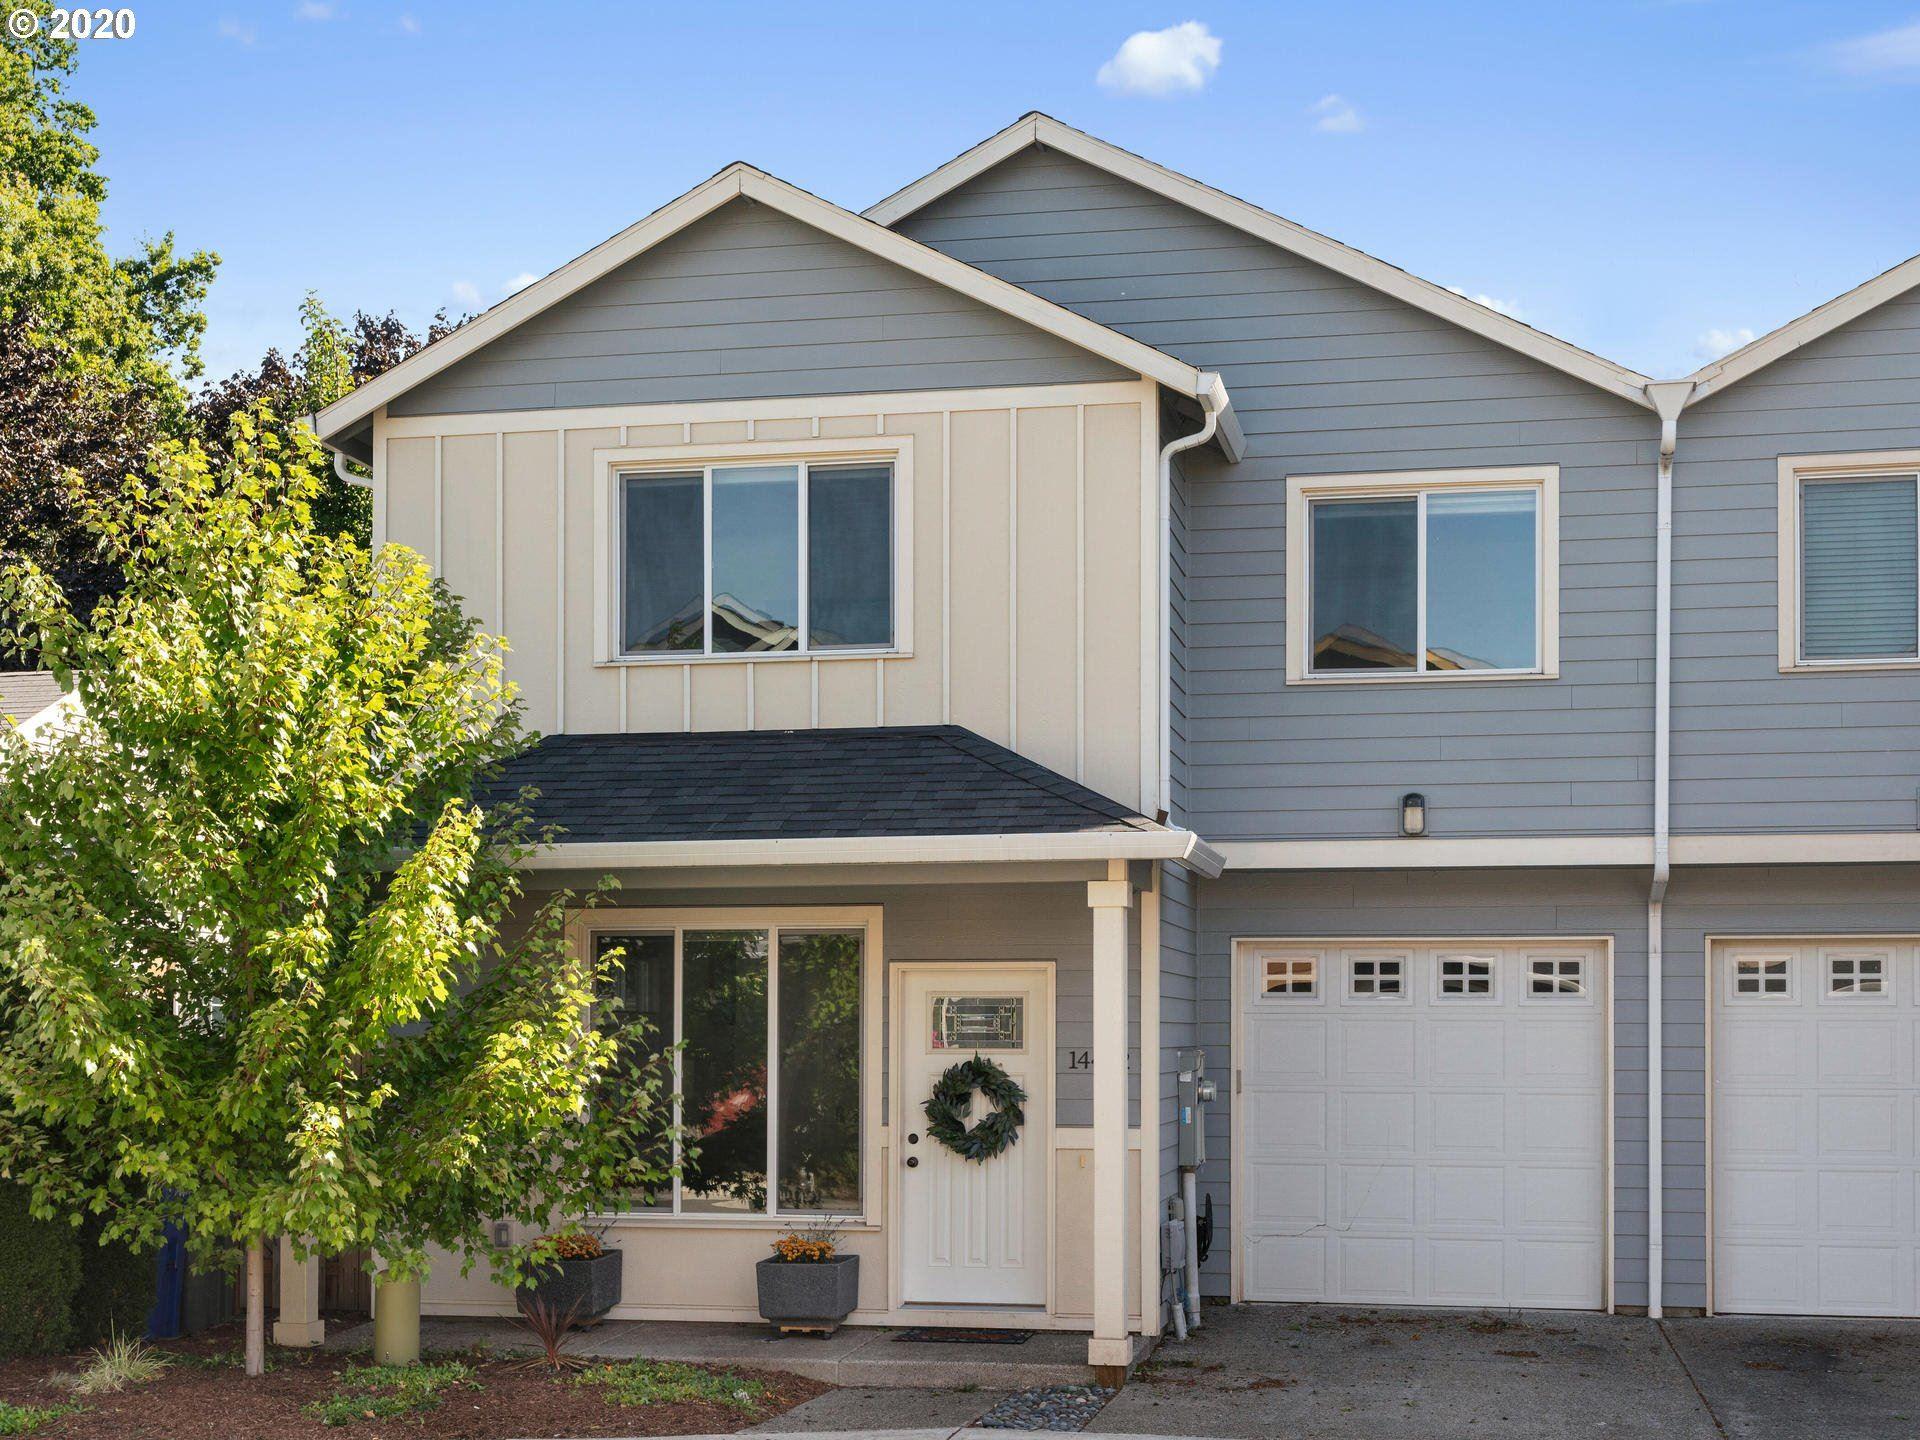 14442 E BURNSIDE ST, Portland, OR 97233 - MLS#: 20629182